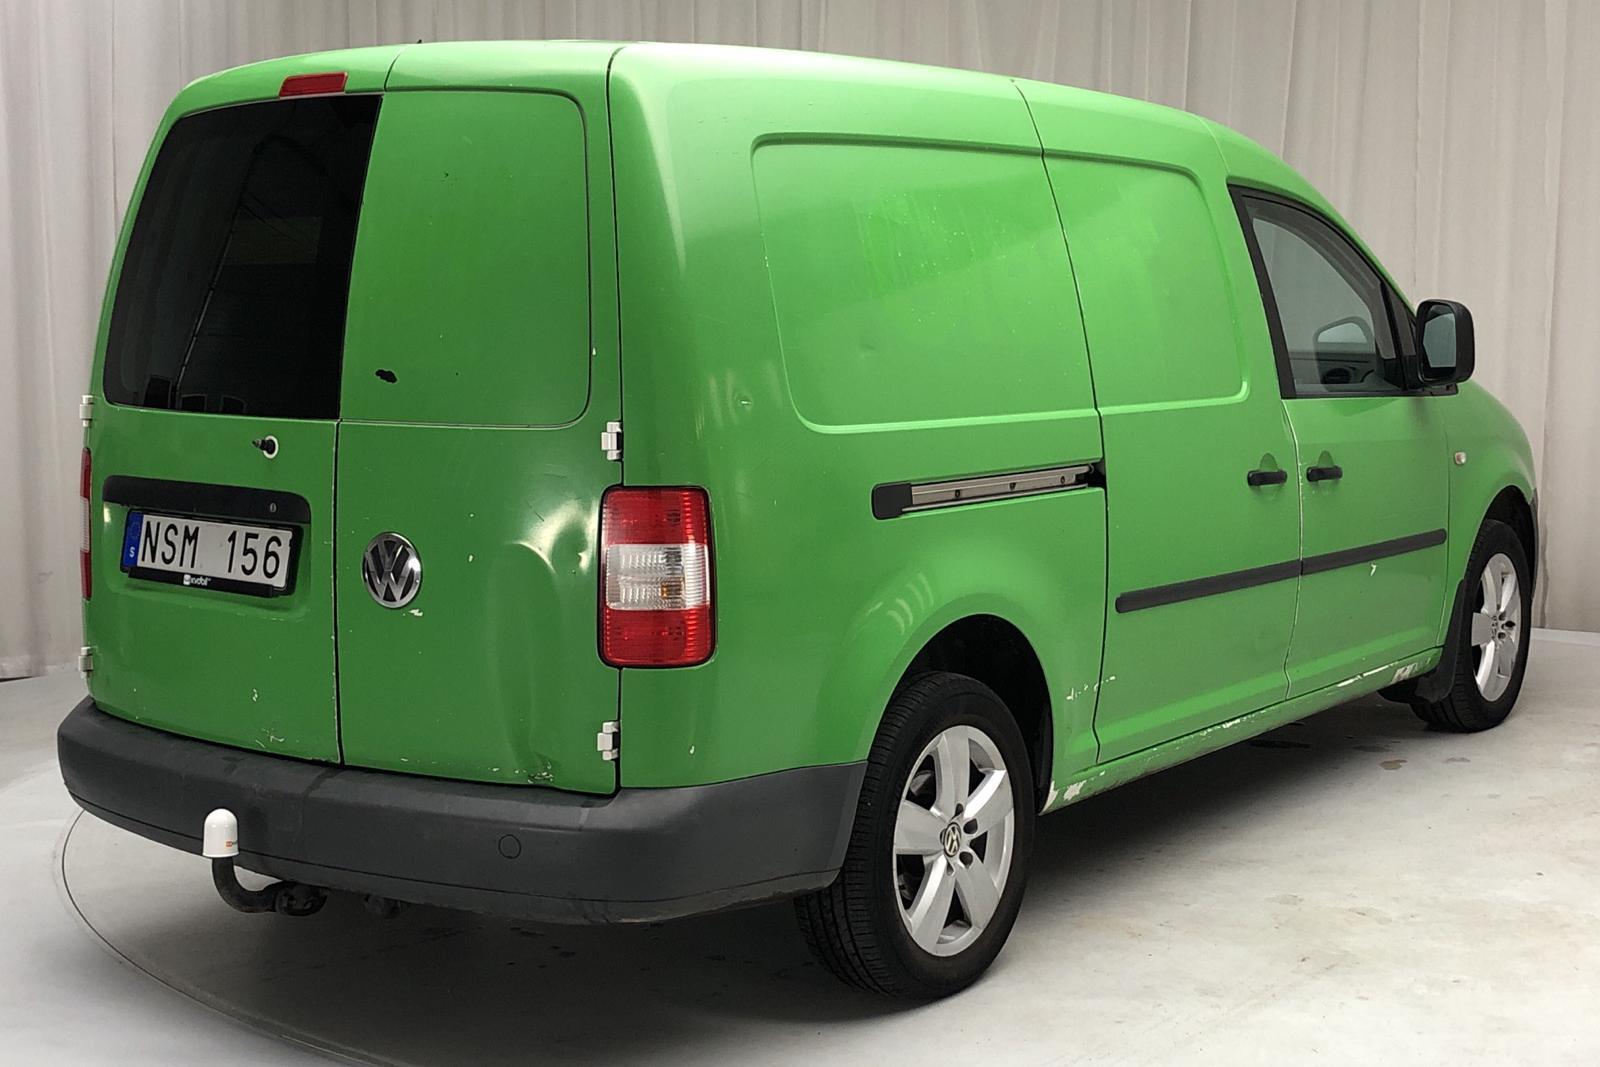 VW Caddy 2.0 Ecofuel Maxi Skåp (109hk) - 0 km - Manual - white - 2010